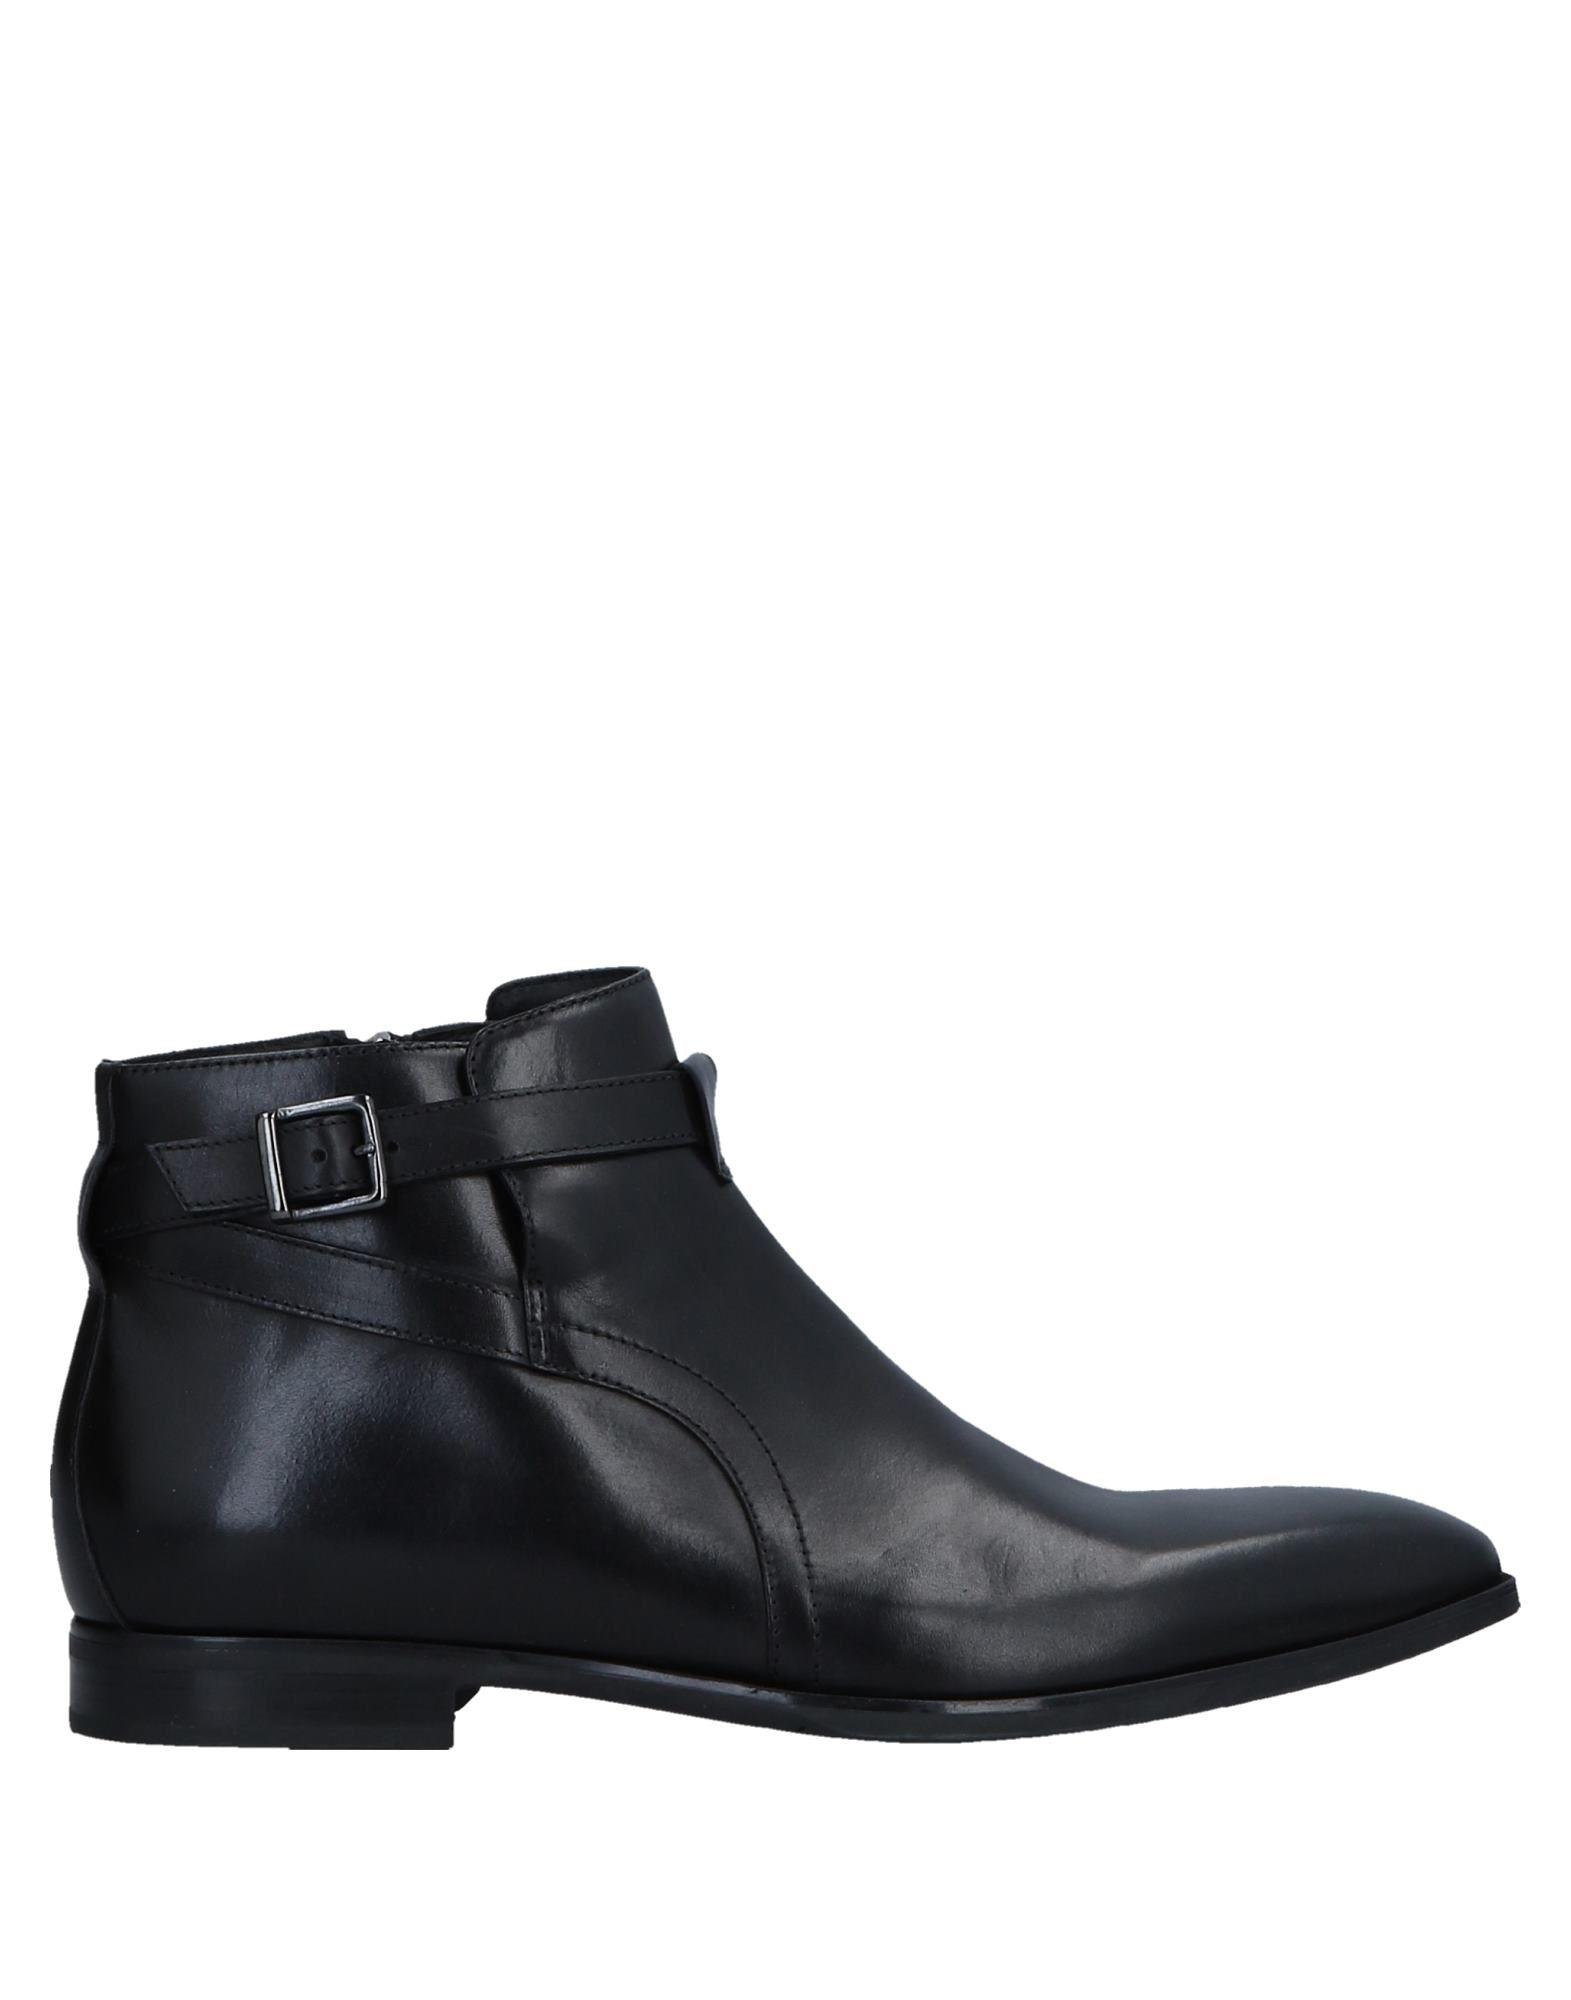 Rabatt echte Stiefelette Schuhe Geox Stiefelette echte Herren  11541017AT 4a3565